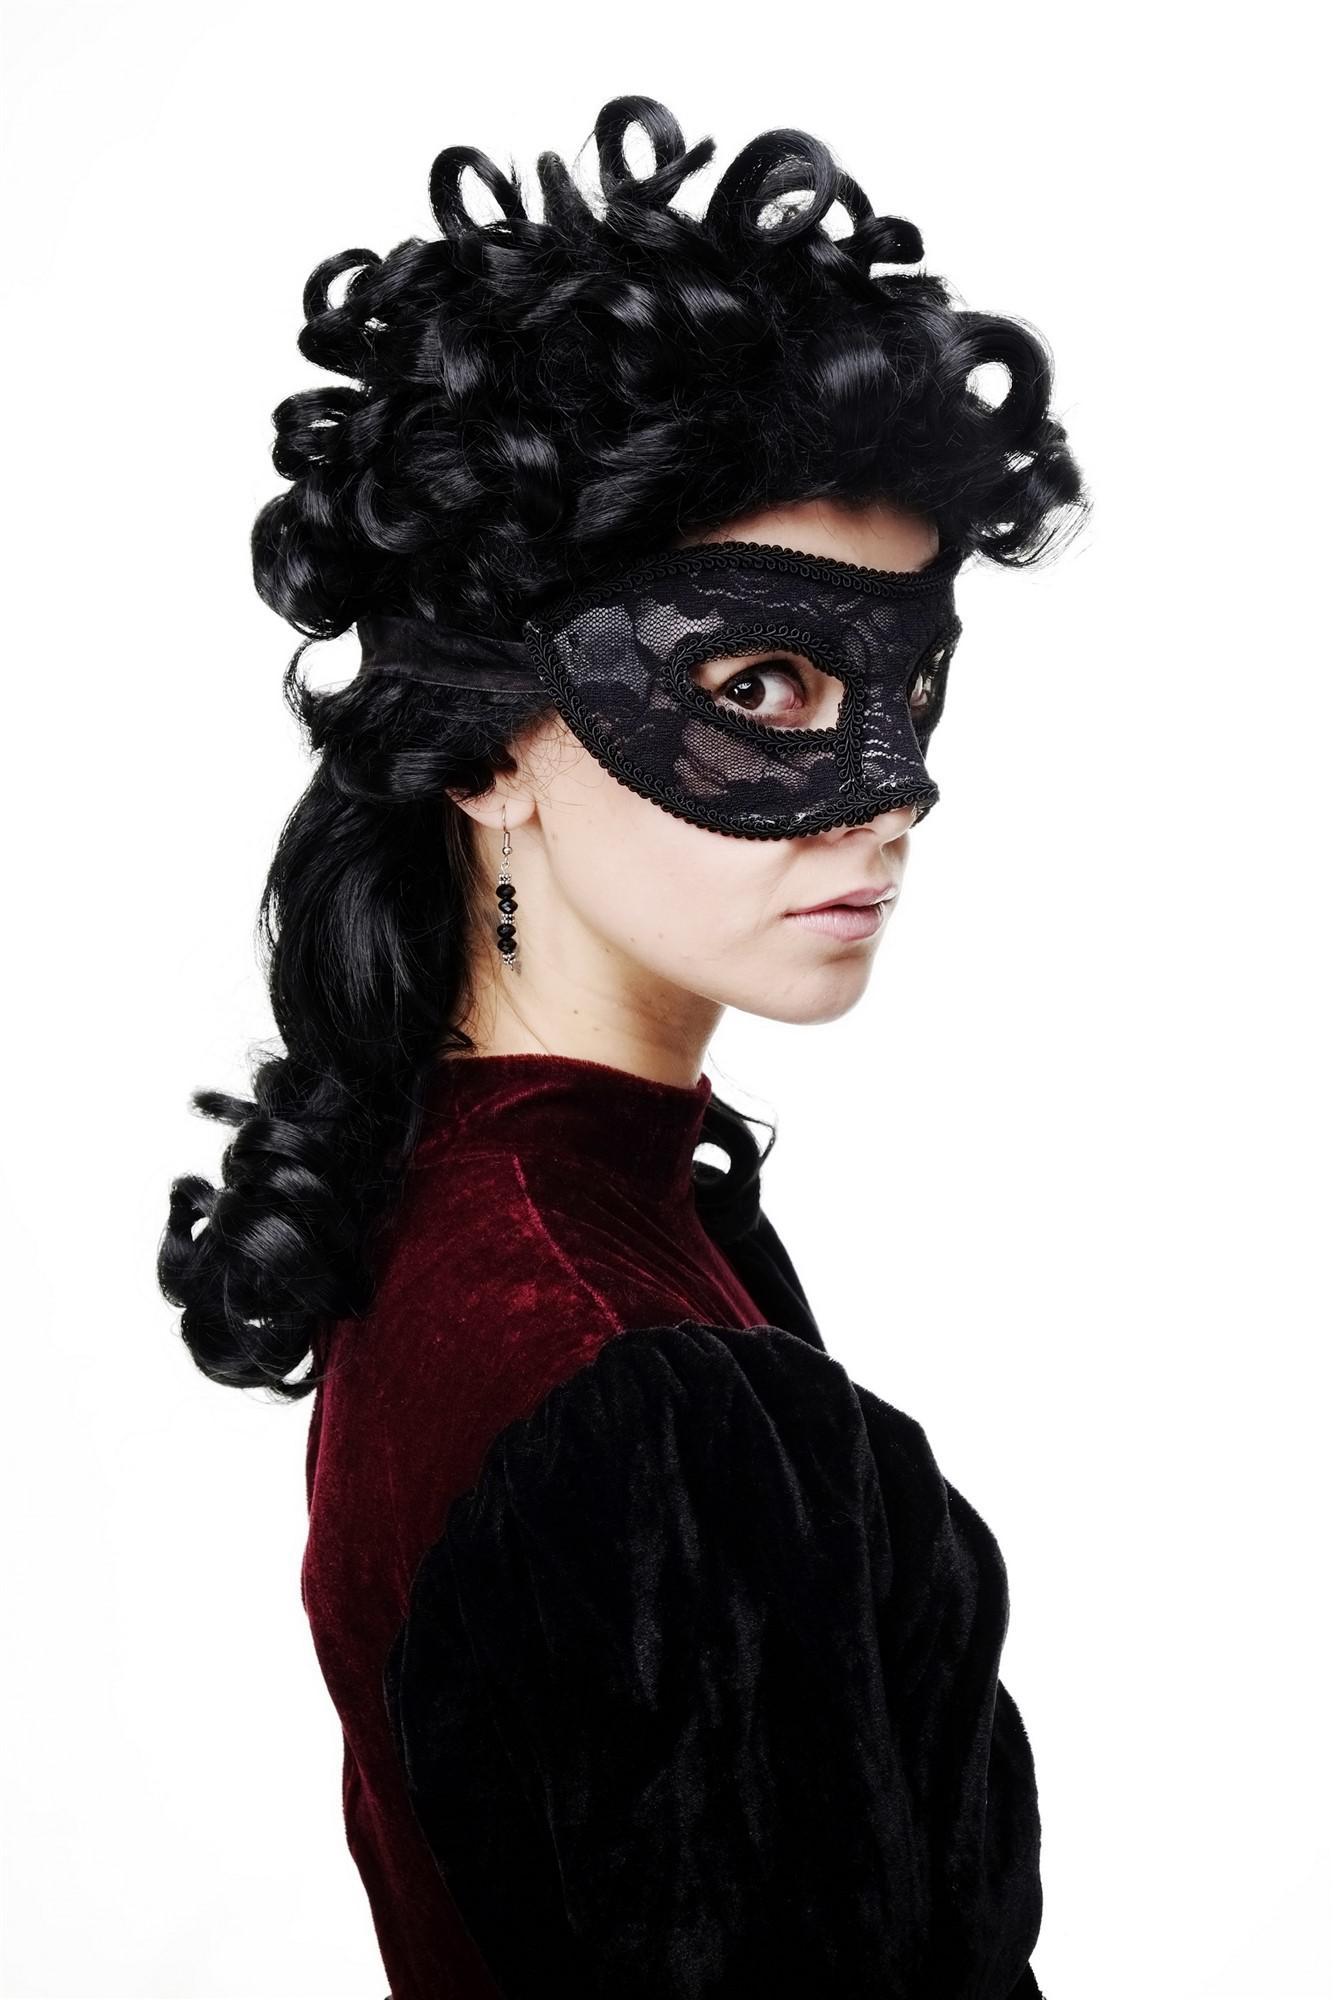 Karneval Venezianische Maske Halbmaske Domino Schwarz Maskenball Gothic LS-004